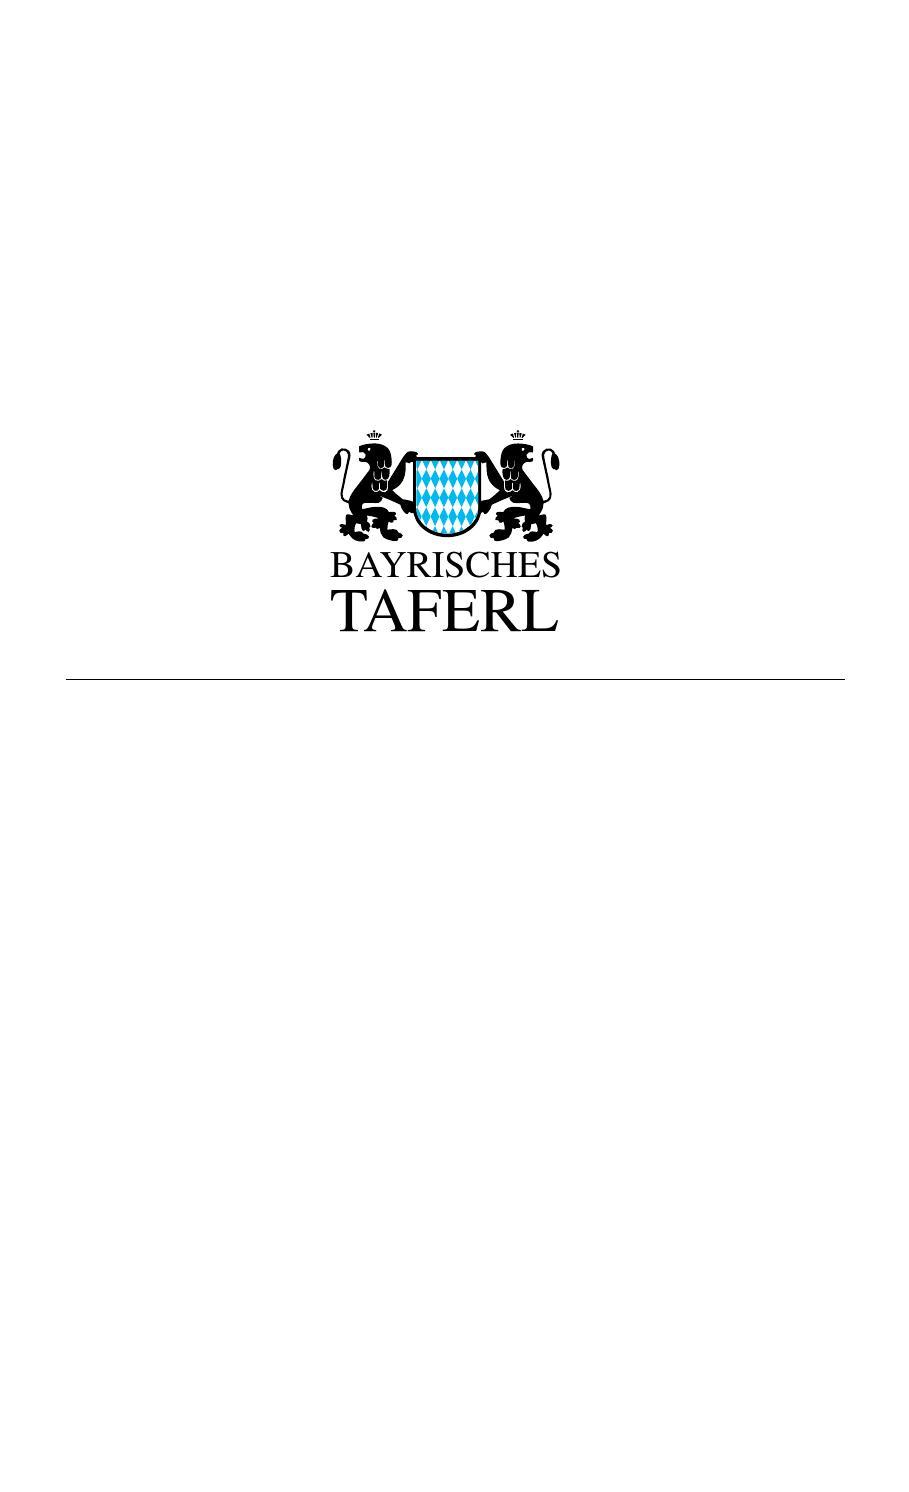 Ausgabe 15 2015 Bayrisches Taferl By Bayrisches Taferl Issuu